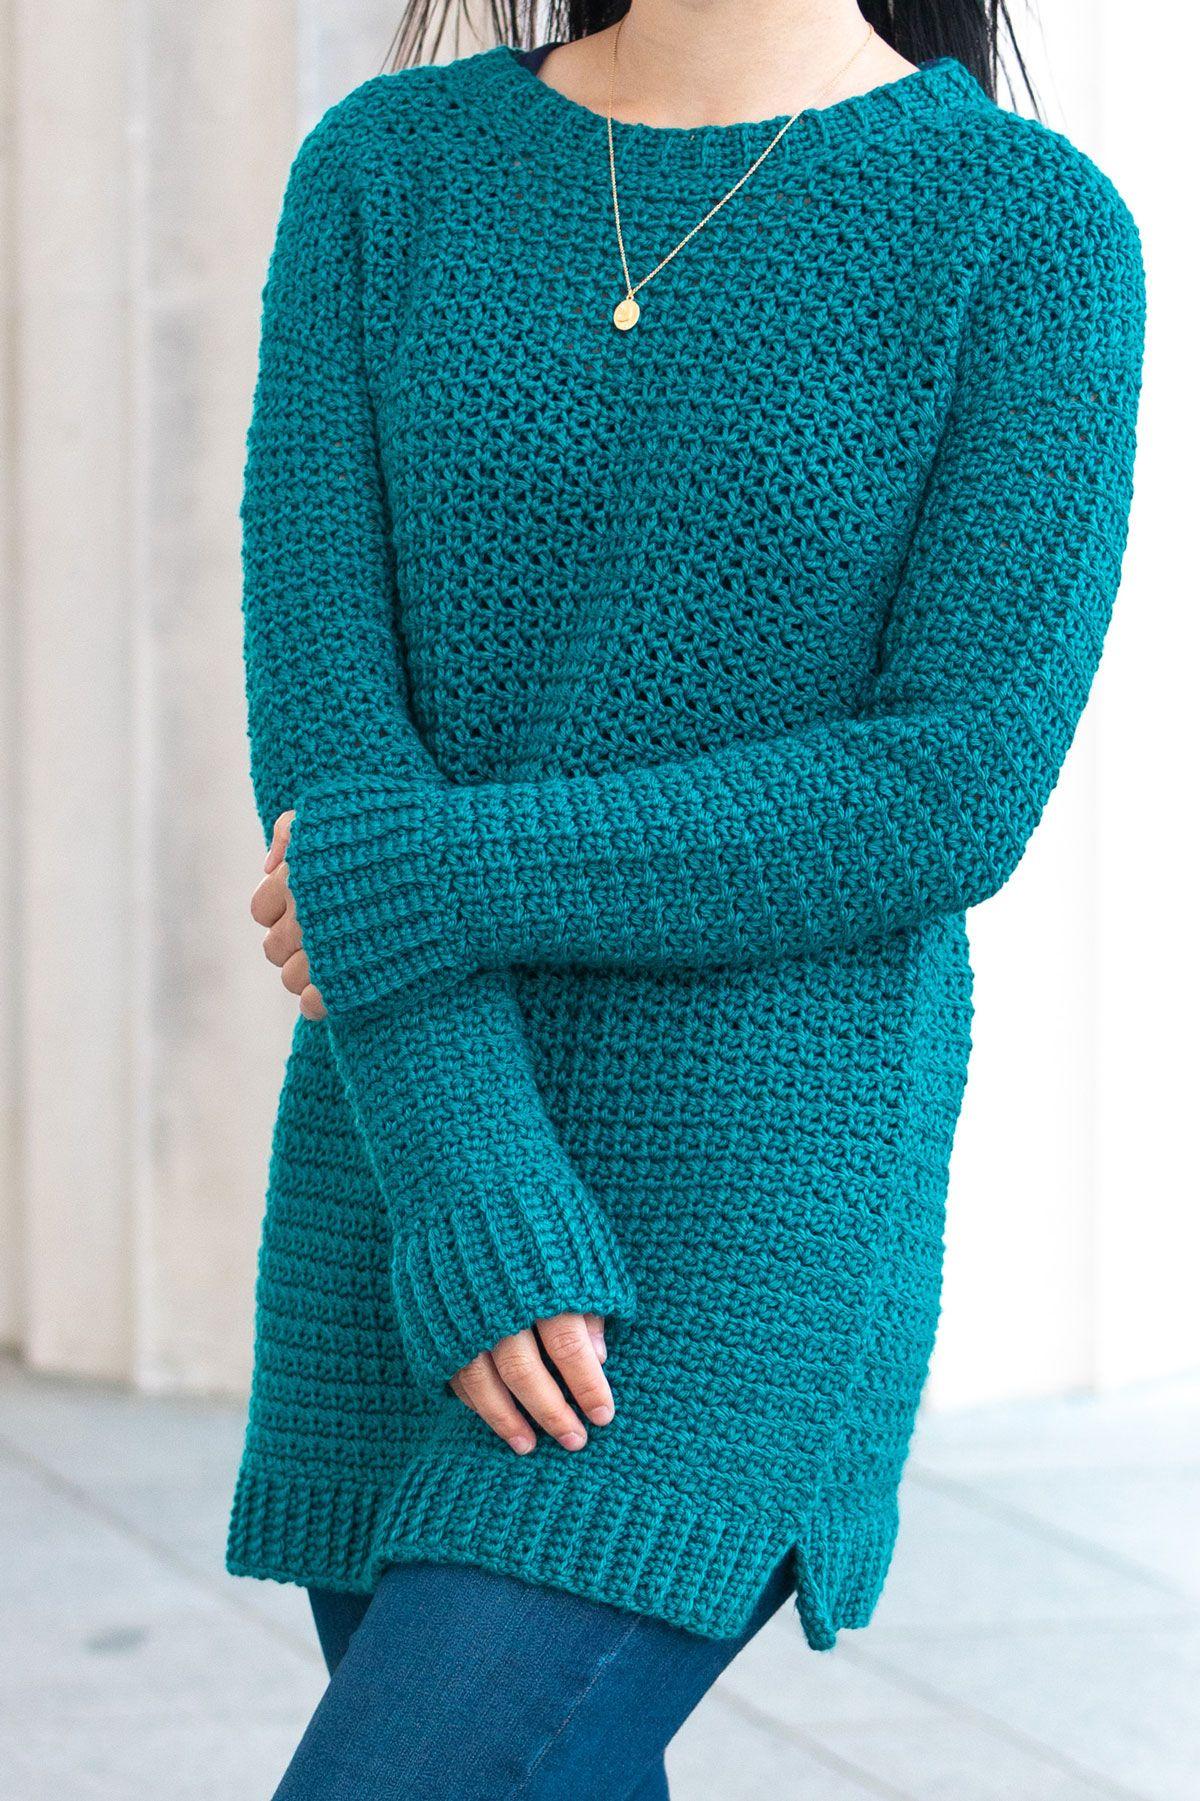 Weekend Snuggle Sweater Free Crochet Pattern For The Frills In 2020 Crochet Sweater Pattern Free Crochet Sweater Free Womens Crochet Patterns